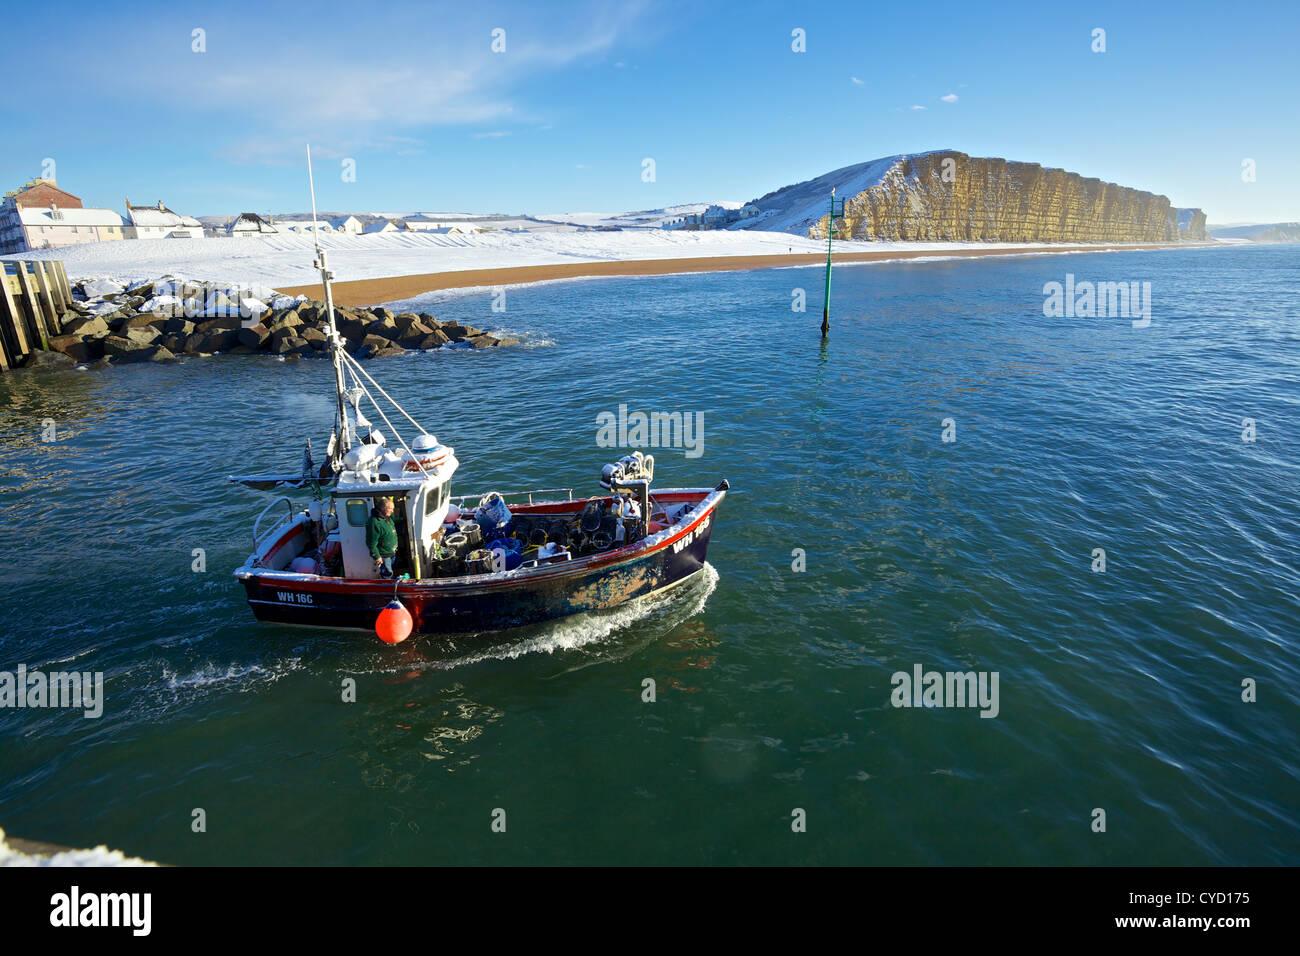 Un bateau de pêche quitte West Bay Harbour, après la neige recouvre la plage Photo Stock